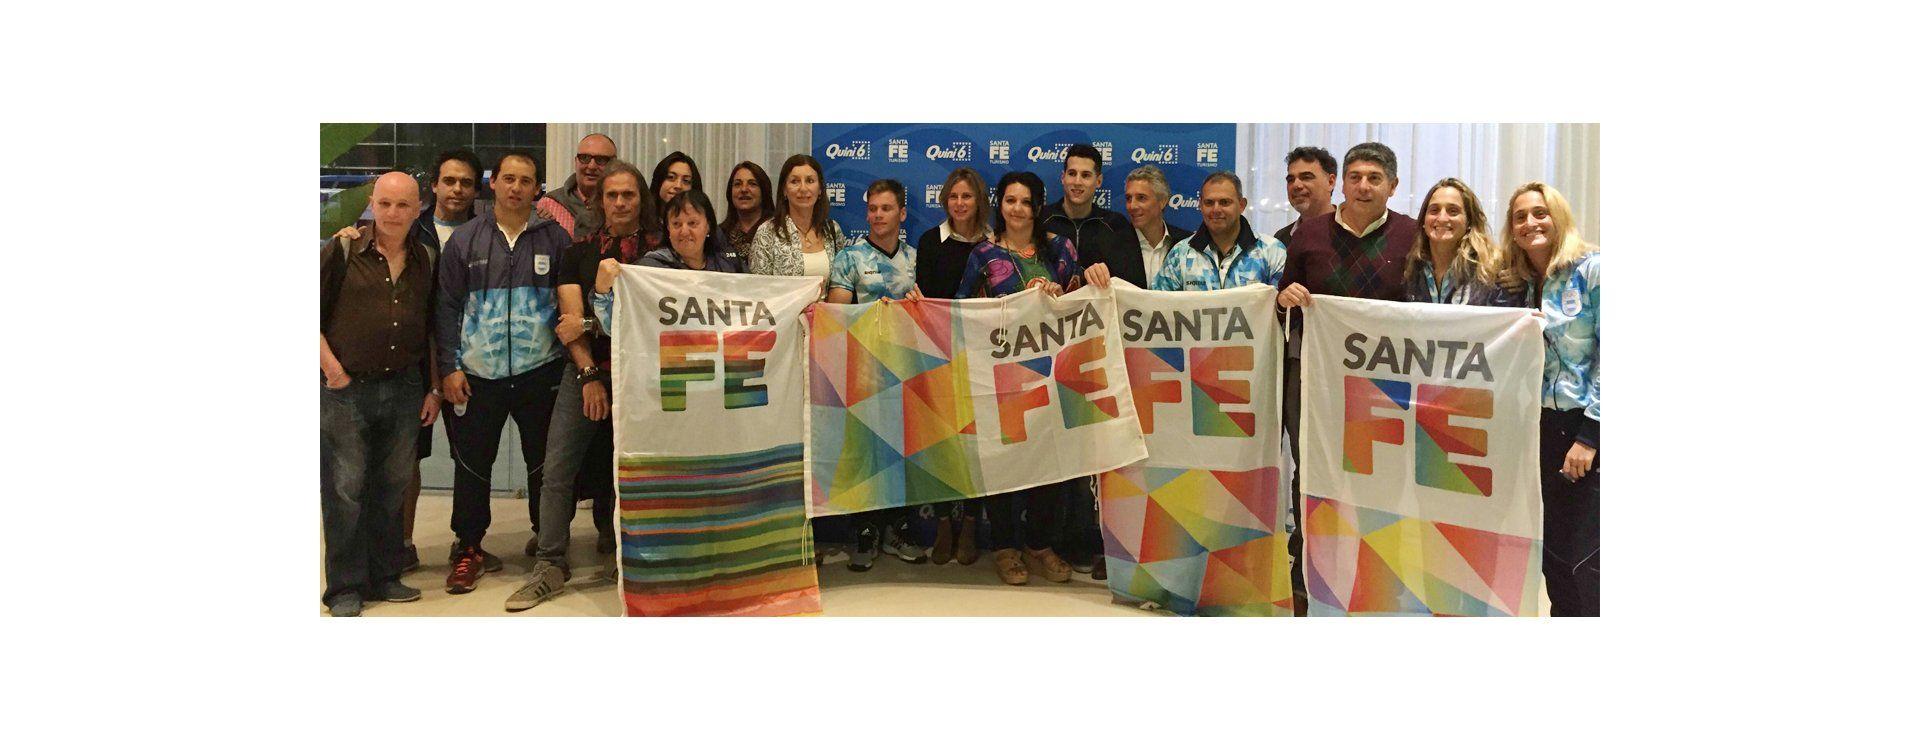 La provincia agasajó a la delegación santafesina que viajó a los Juegos Olímpicos